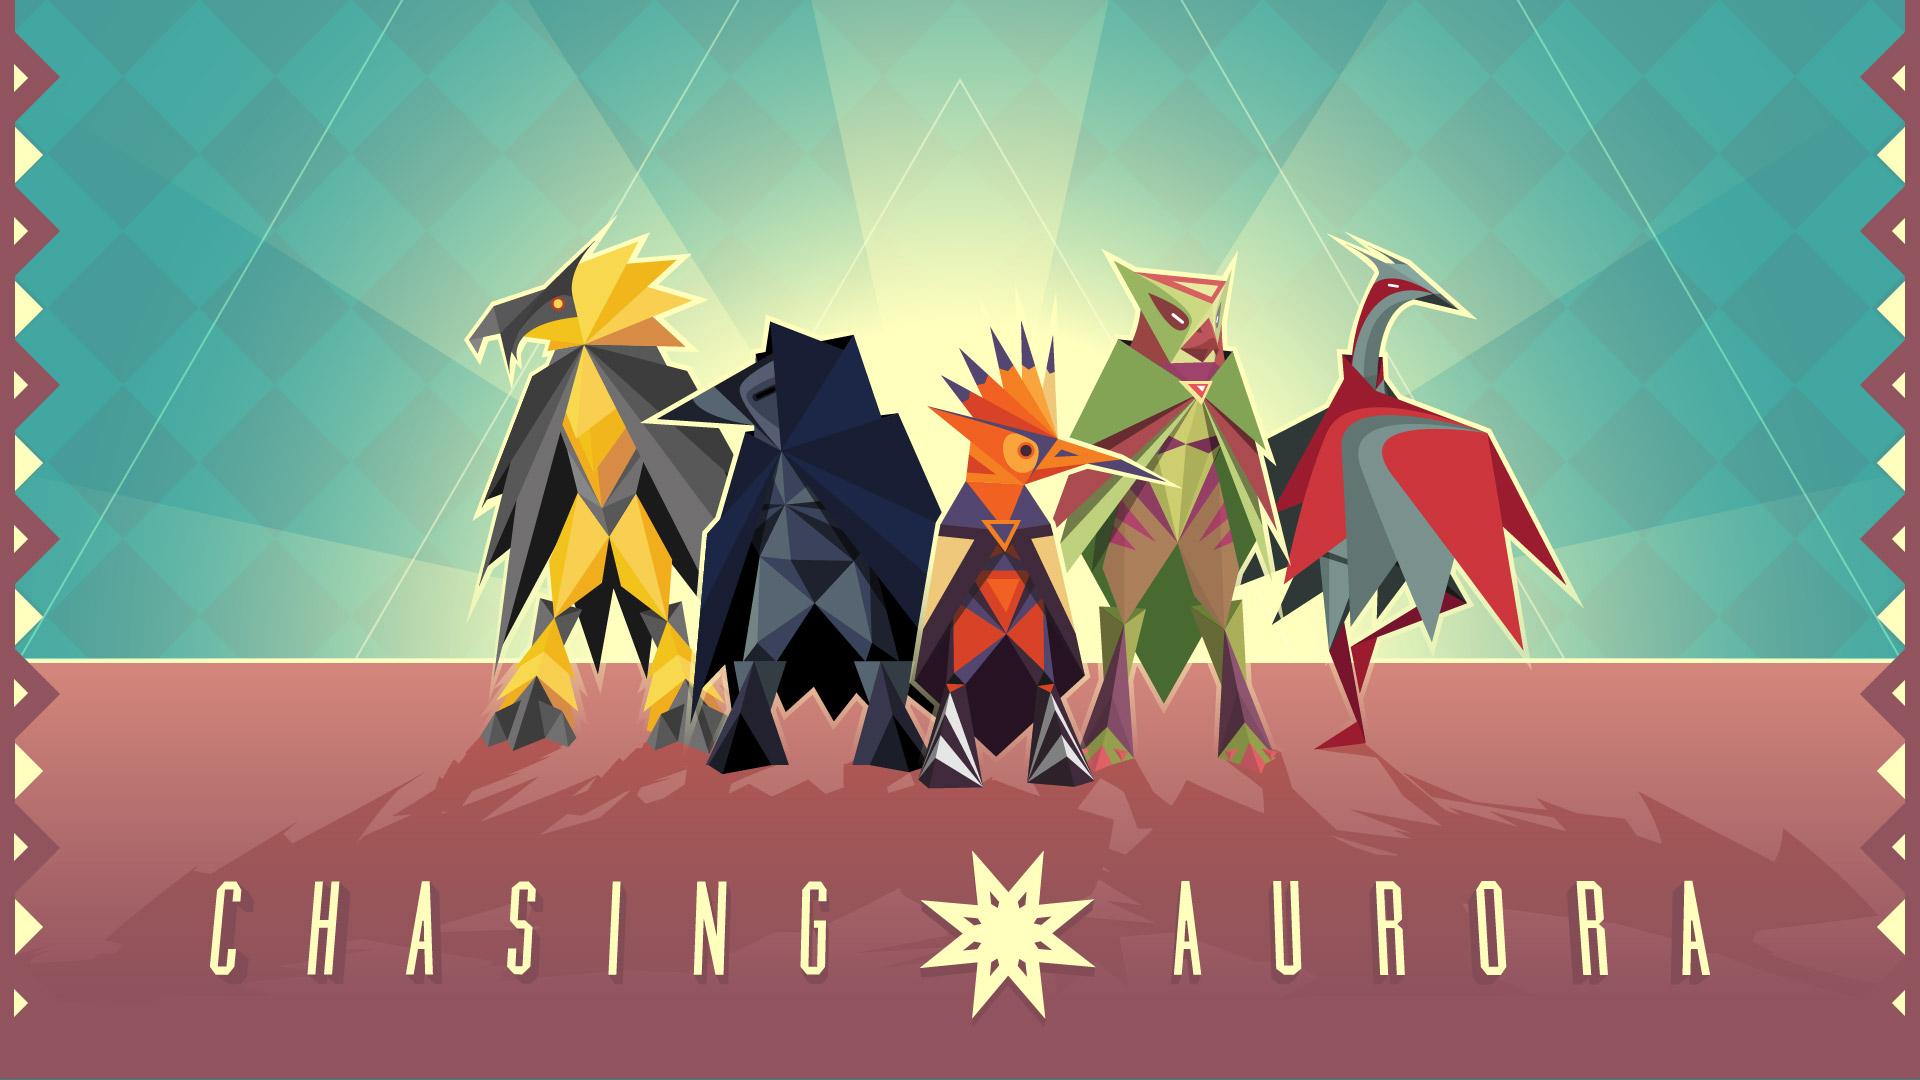 5 bunte Vögel im Origami - Stil abgebildet